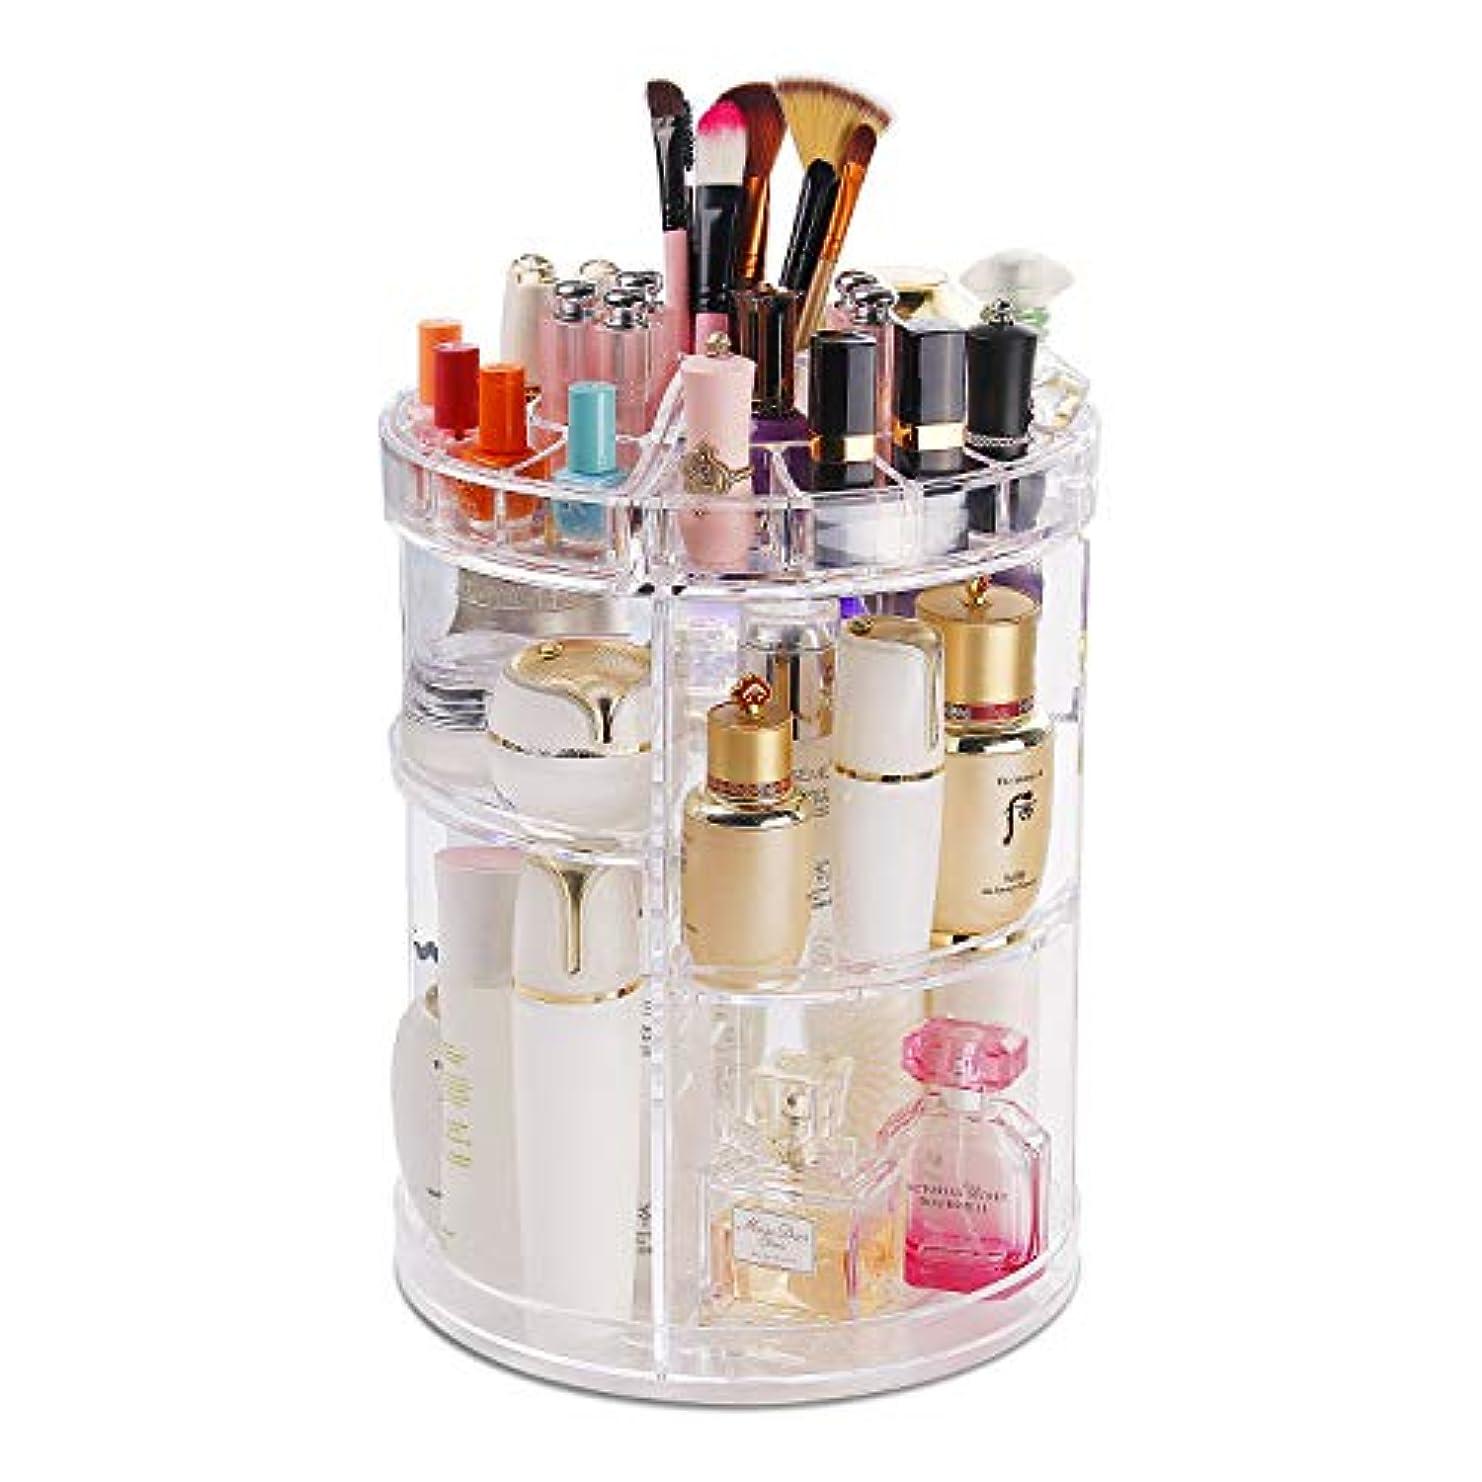 バンジョーお薄める化粧品収納ボックス コスメボックス 360度回転化粧品収納ラック 大容量透明化粧品ケース メイクボックス 女の子のギフト